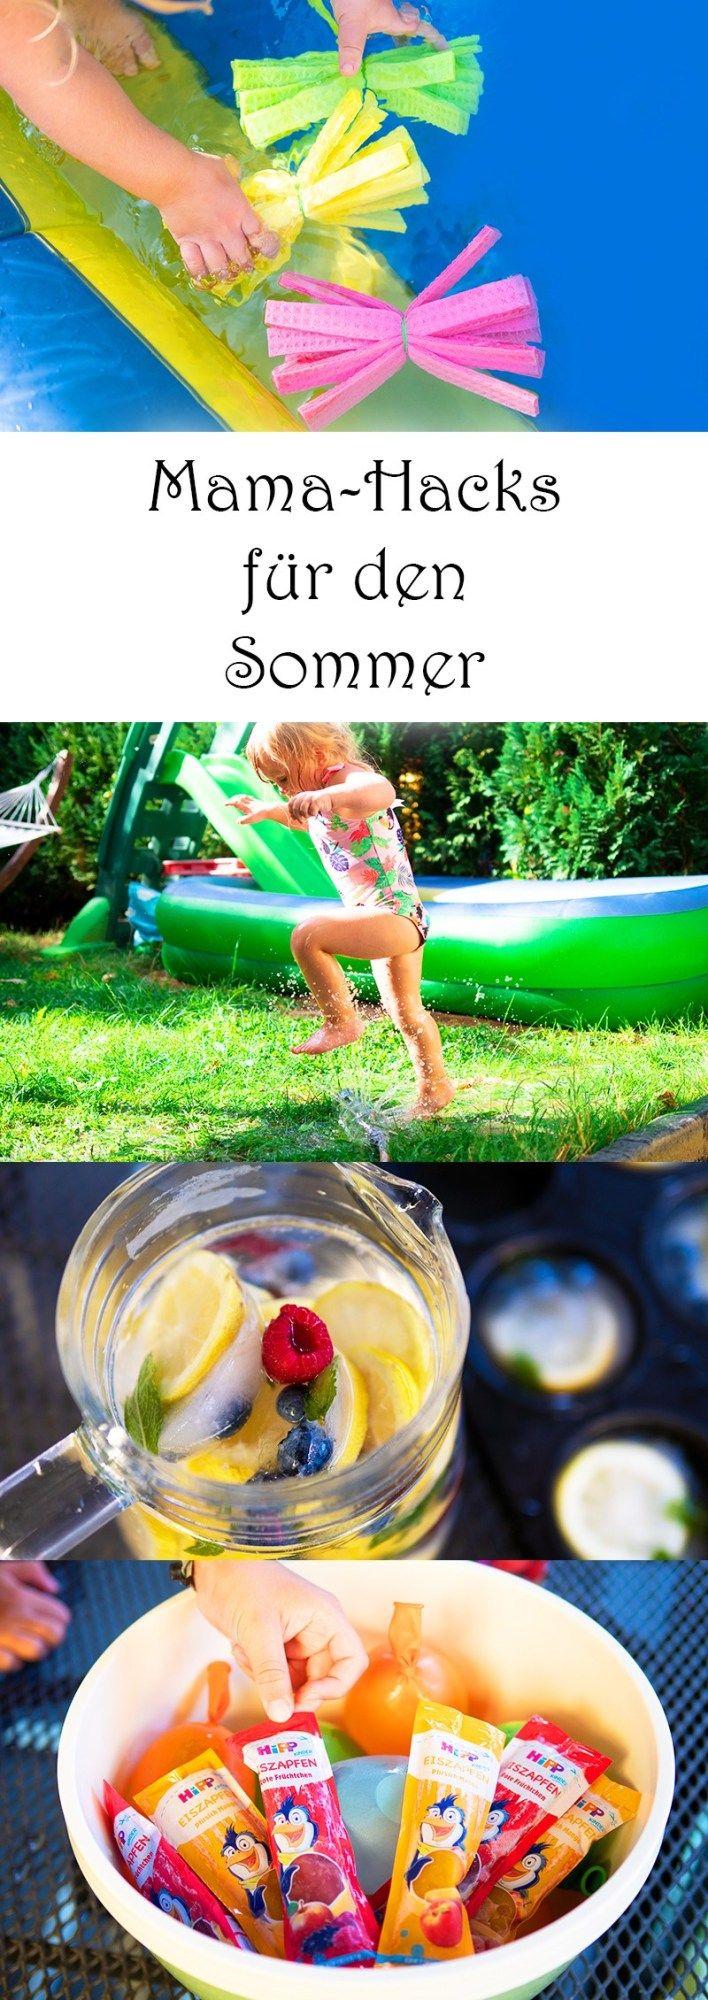 Coole Mama-Hacks für den Sommer